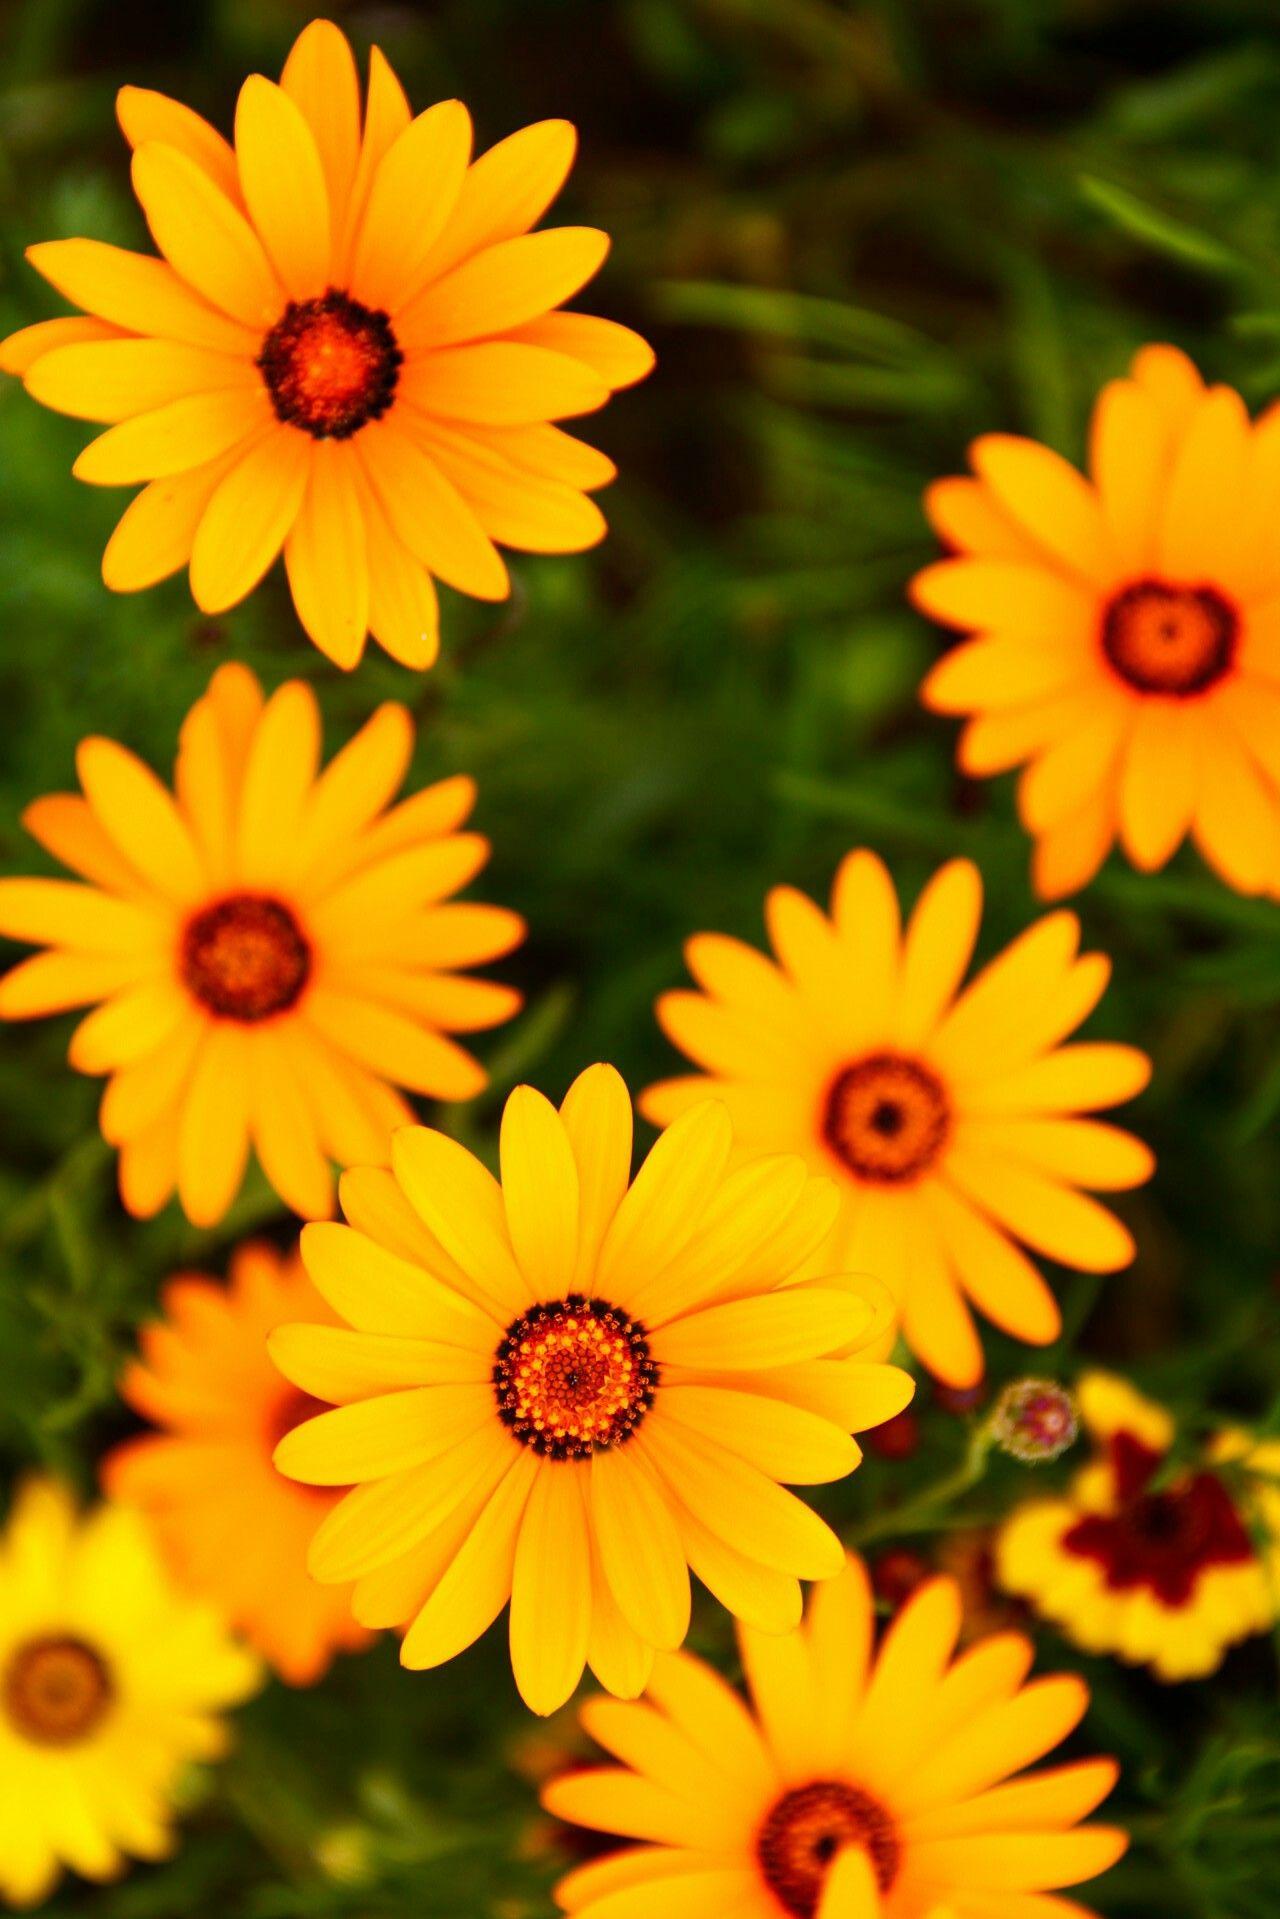 Fondos De Pantalla Hd Fondos De Pantalla Tumblr Flores Amarillas